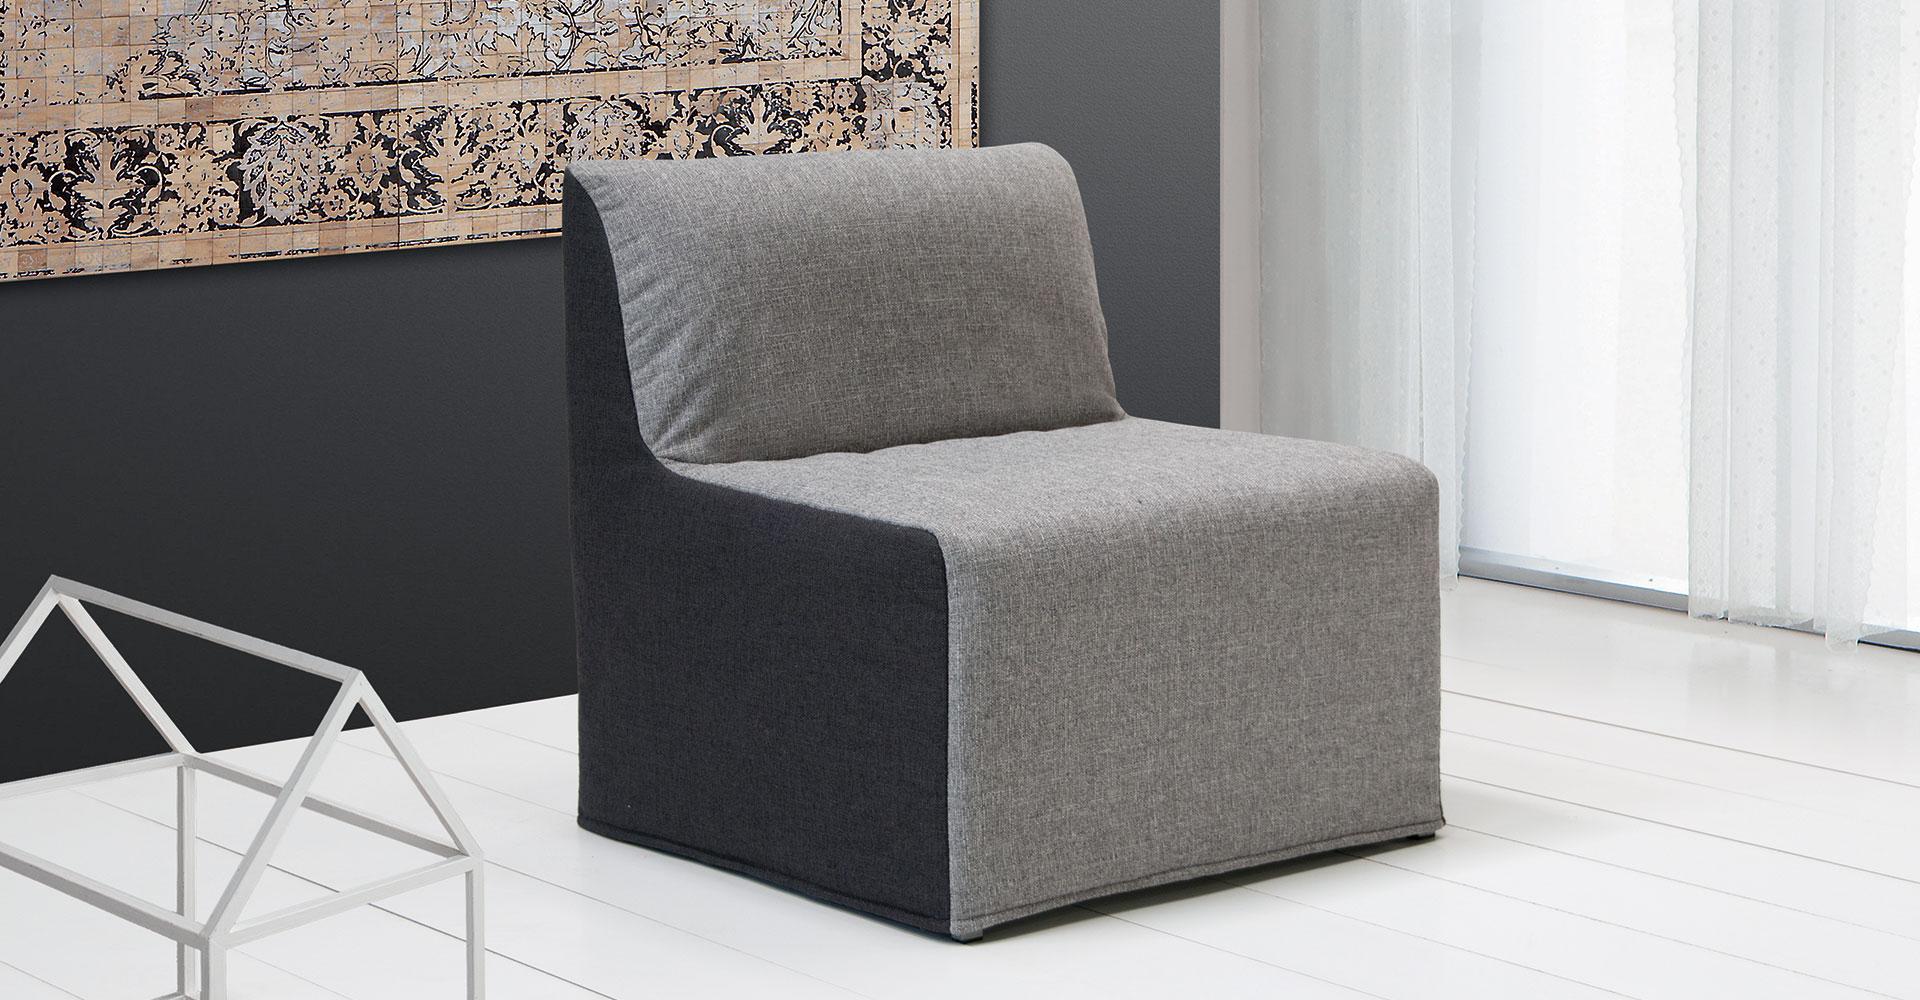 Pouf poltrona fabbrica divani didivani salerno 082853891 - Poltrona che diventa letto ...